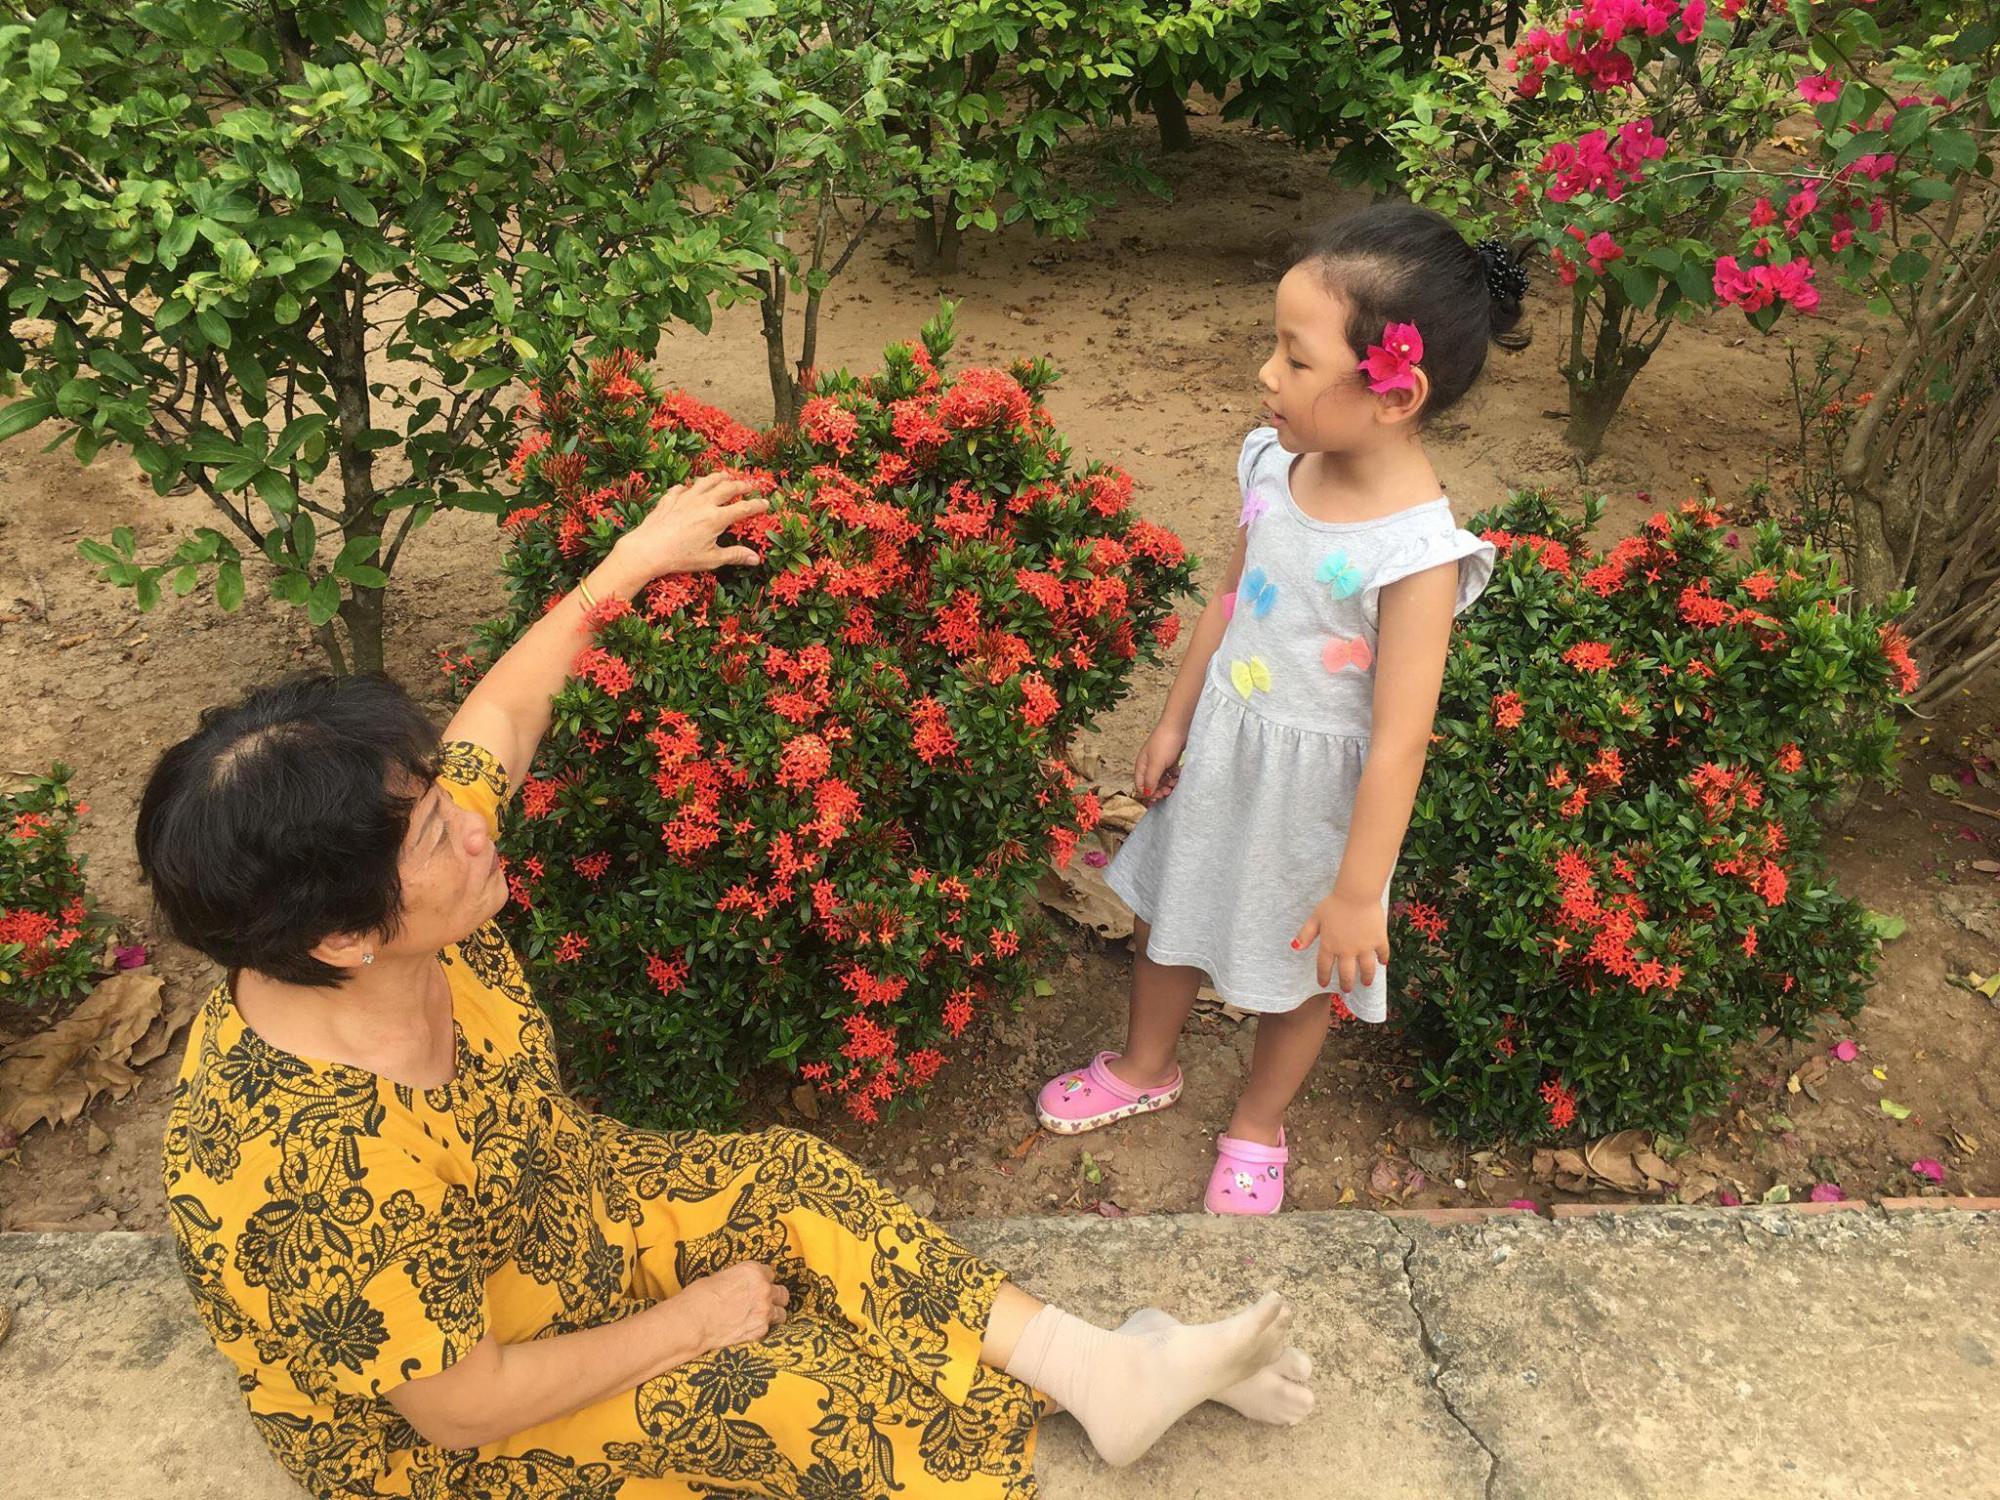 Mỗi năm đến hè là bà giành phần trông cháu cho con gái rảnh tay